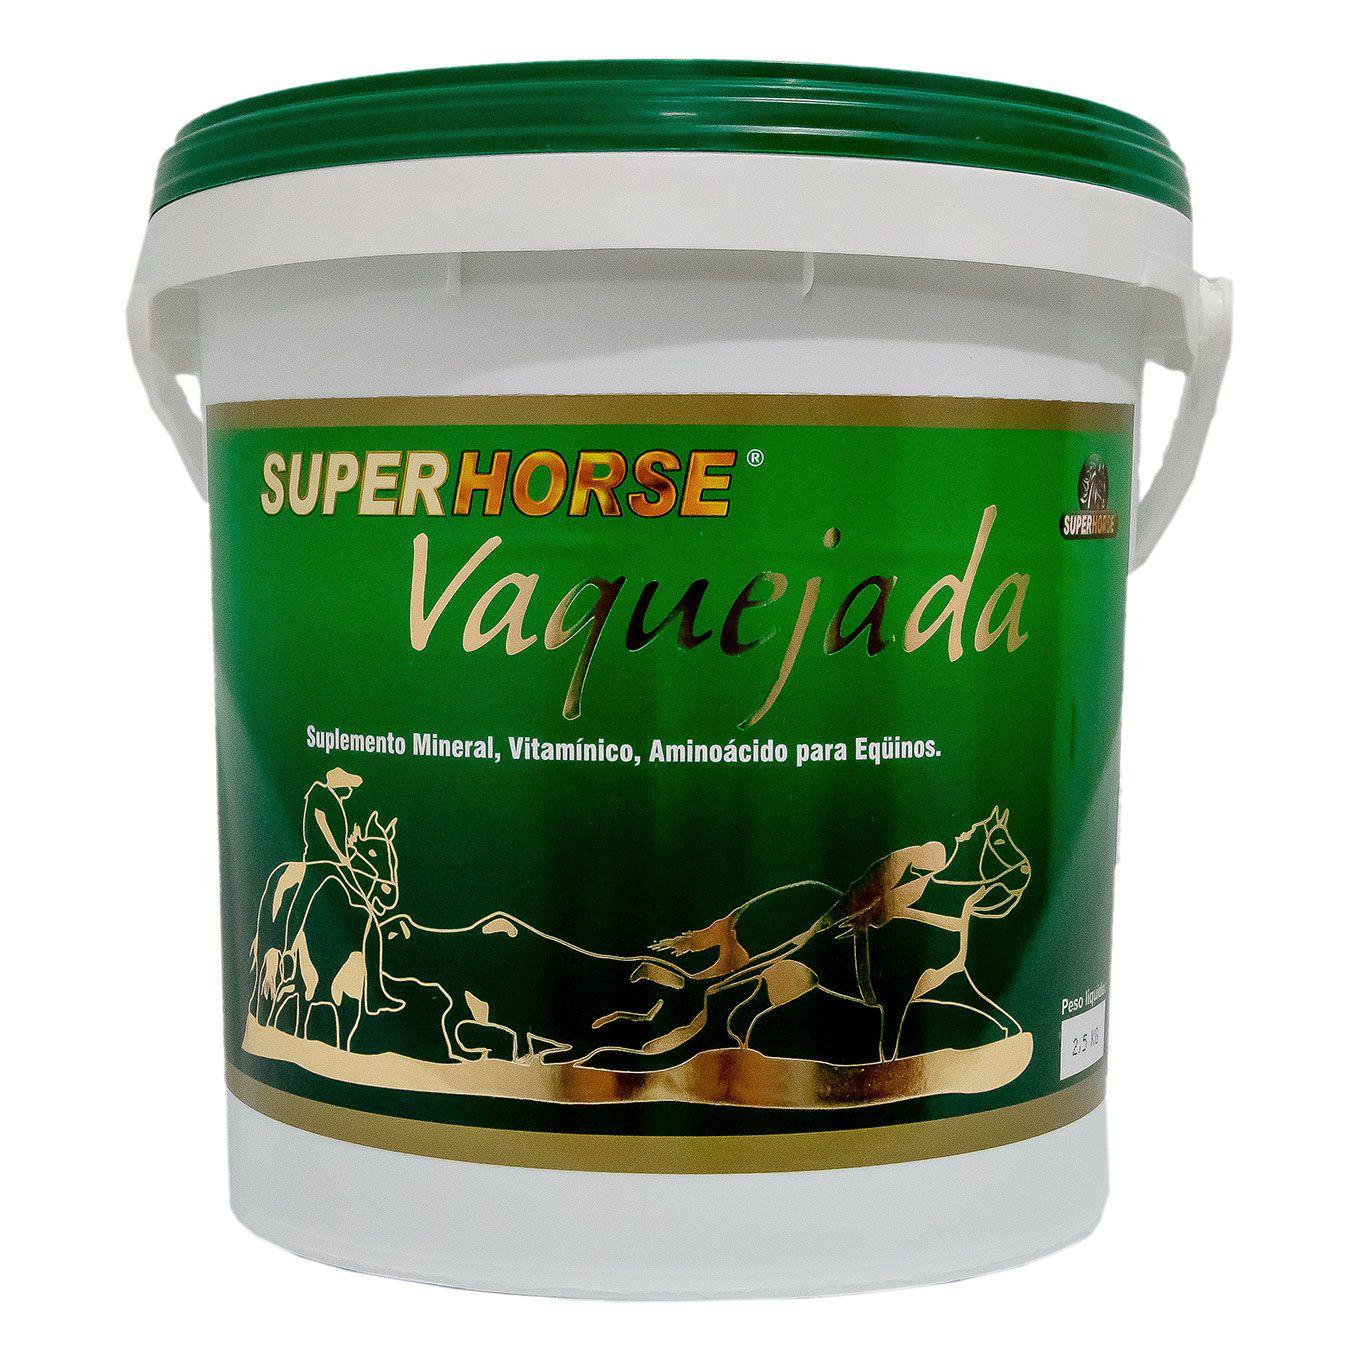 Super Horse Vaquejada, 20 kg rende em até 400 dias.